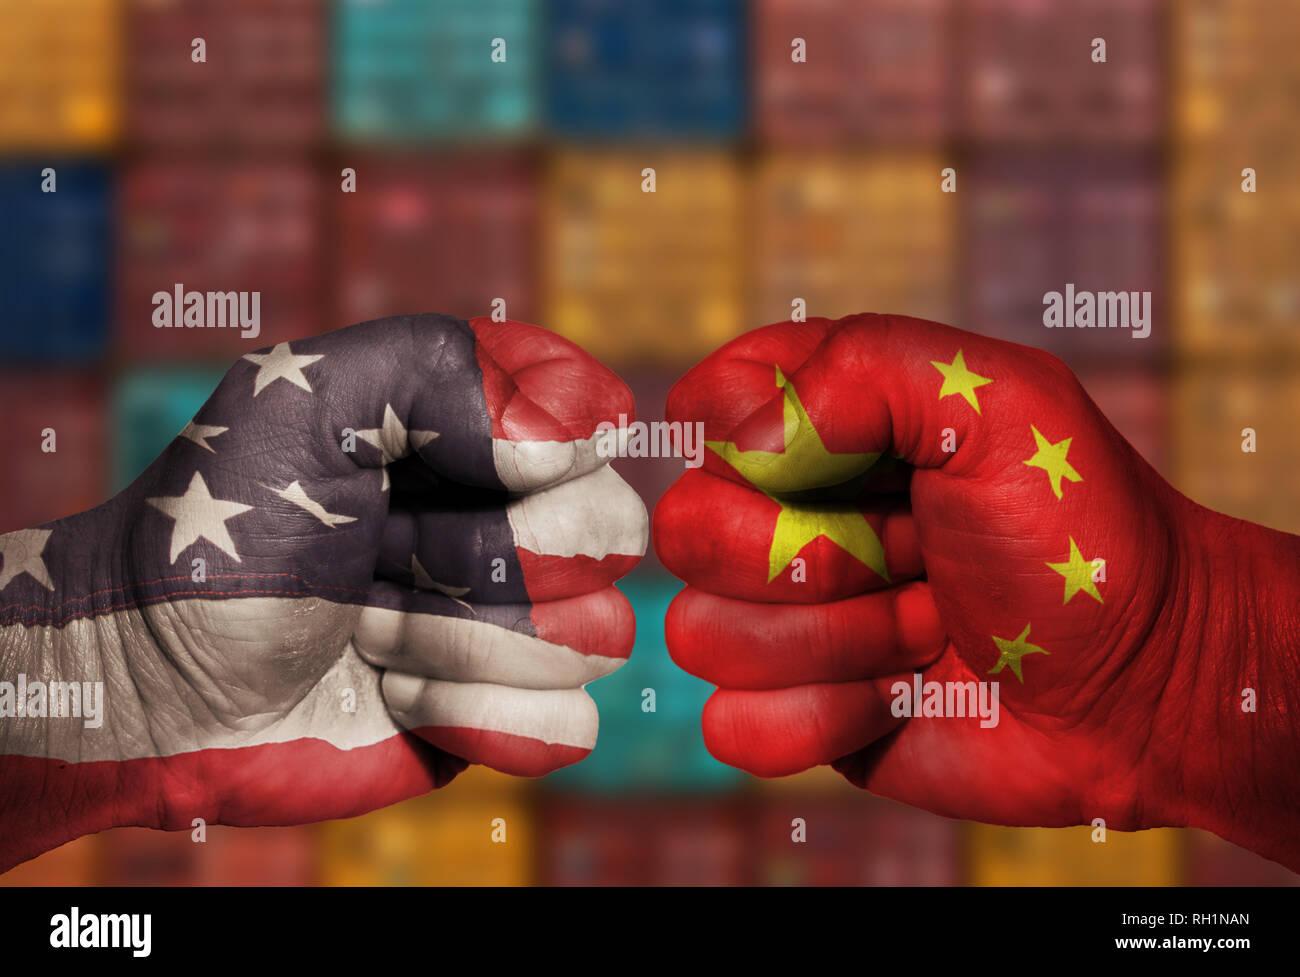 Stati Uniti e Cina pugno cinese competono in un attività economica guerra commerciale battaglia con i contenitori di spedizione in background. L'immagine utilizza USA e Cina Foto Stock